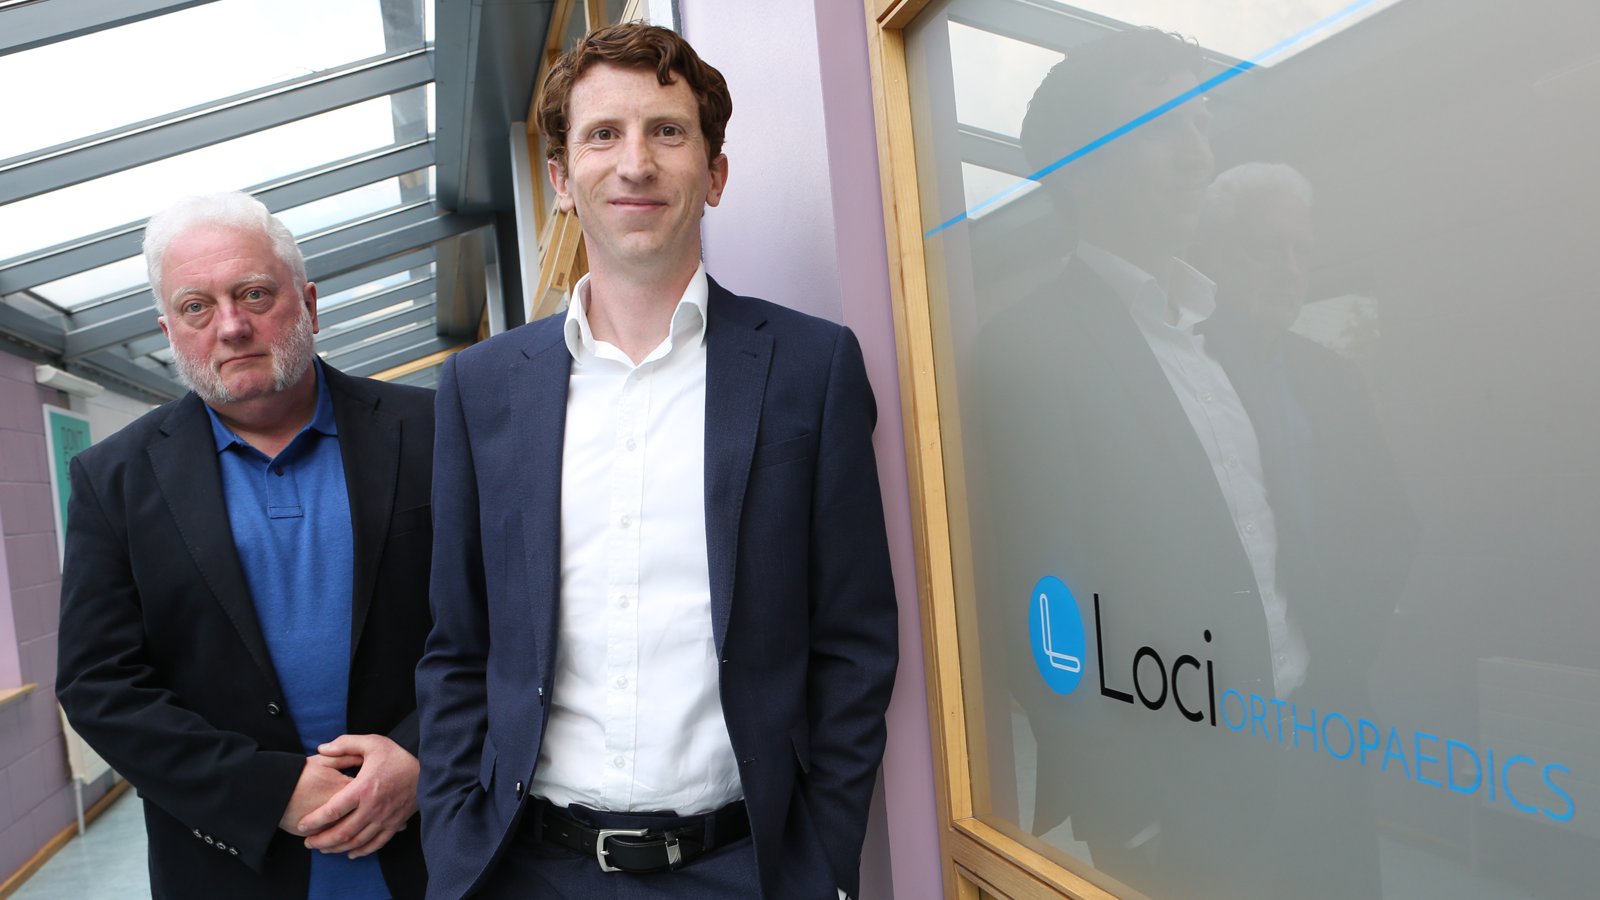 Loci Orthopaedics raises €2.75m in funding